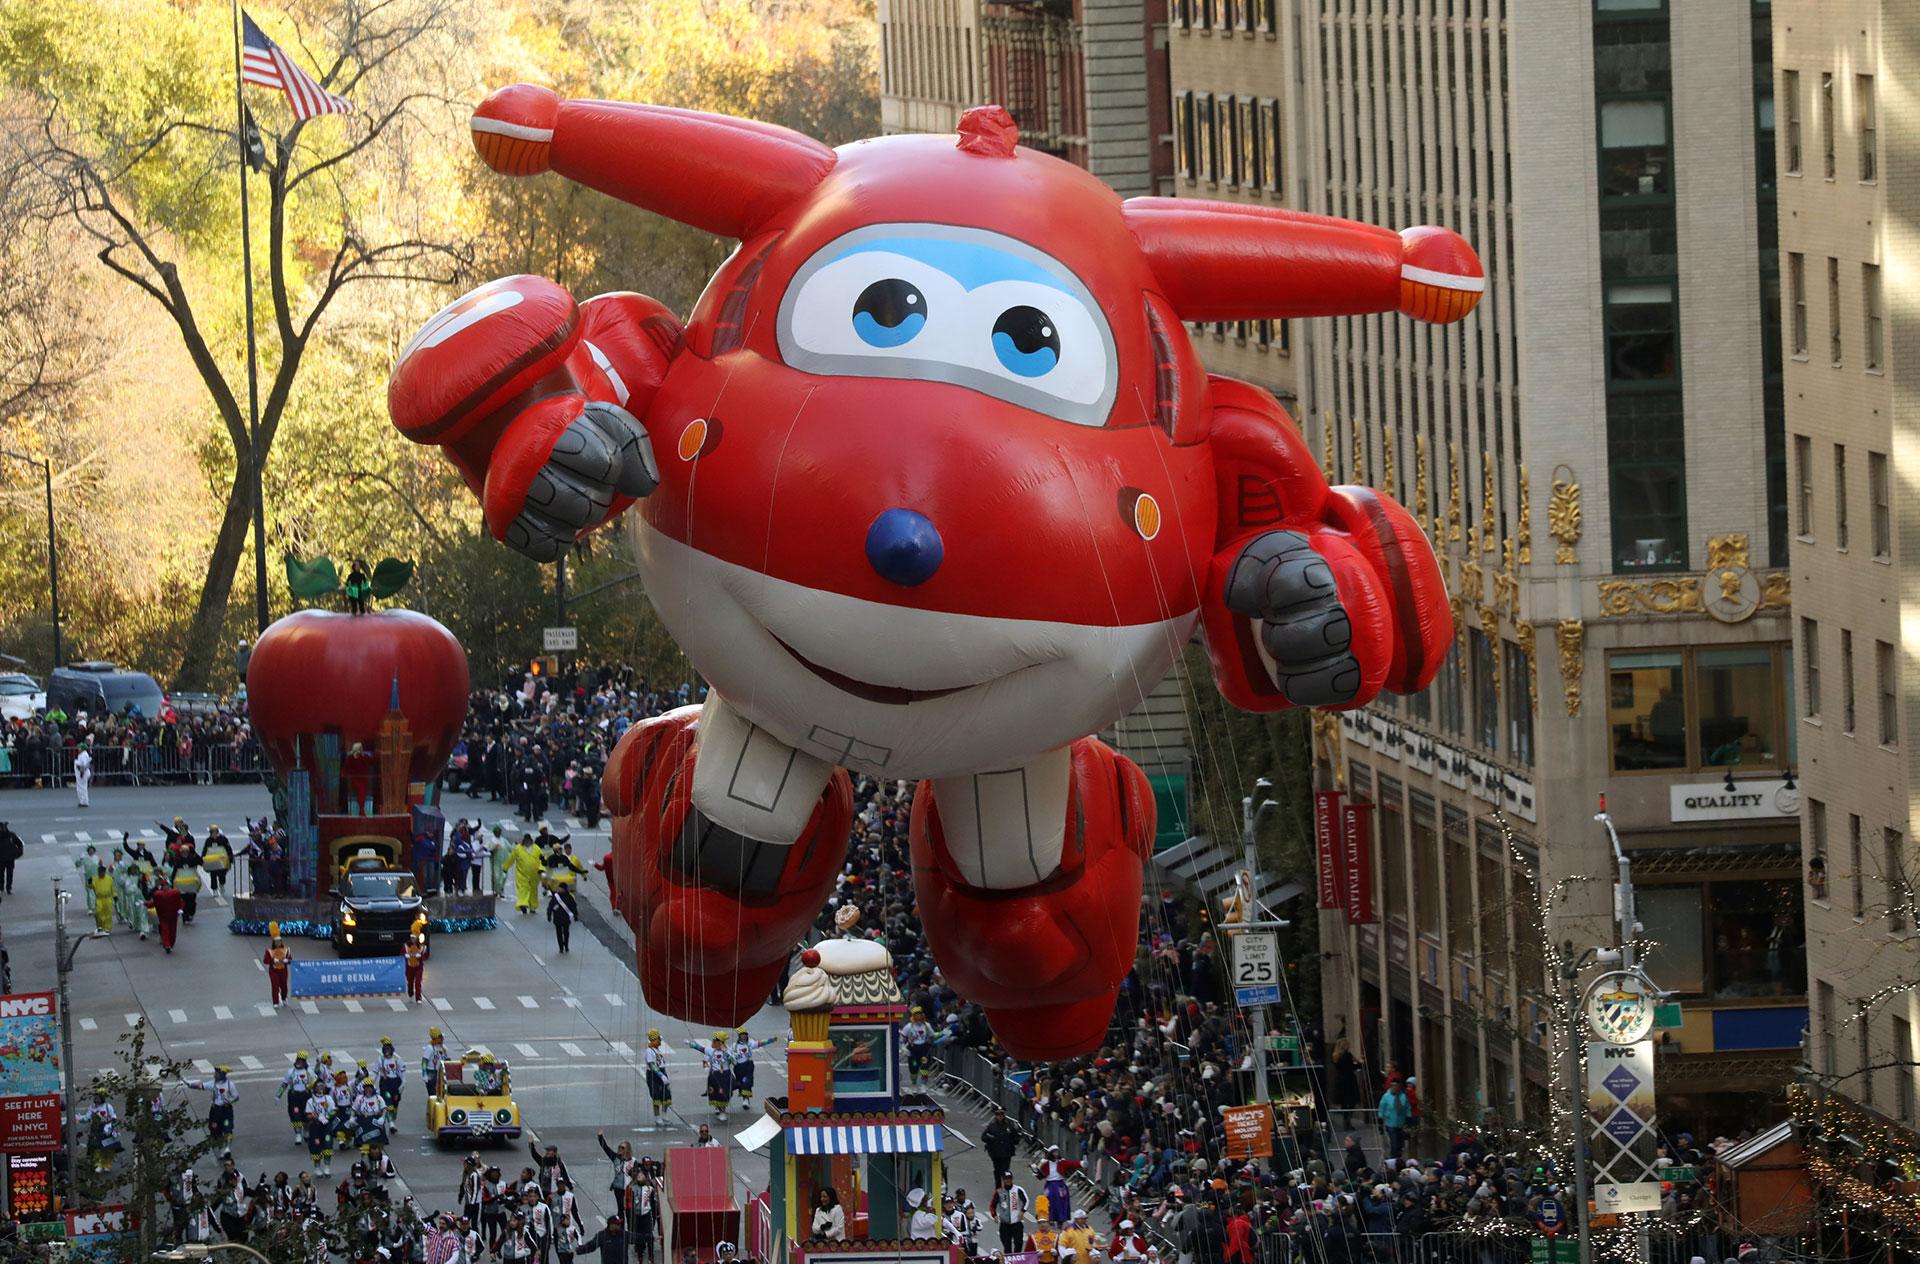 El globo de Jet de Super Wings baja por la Sexta Avenida durante el desfile del 91° Día de Acción de Gracias de Macy's en el distrito de Manhattan de la ciudad de Nueva York, The York, Estados Unidos, el 23 de noviembre de 2017. (Reuters)